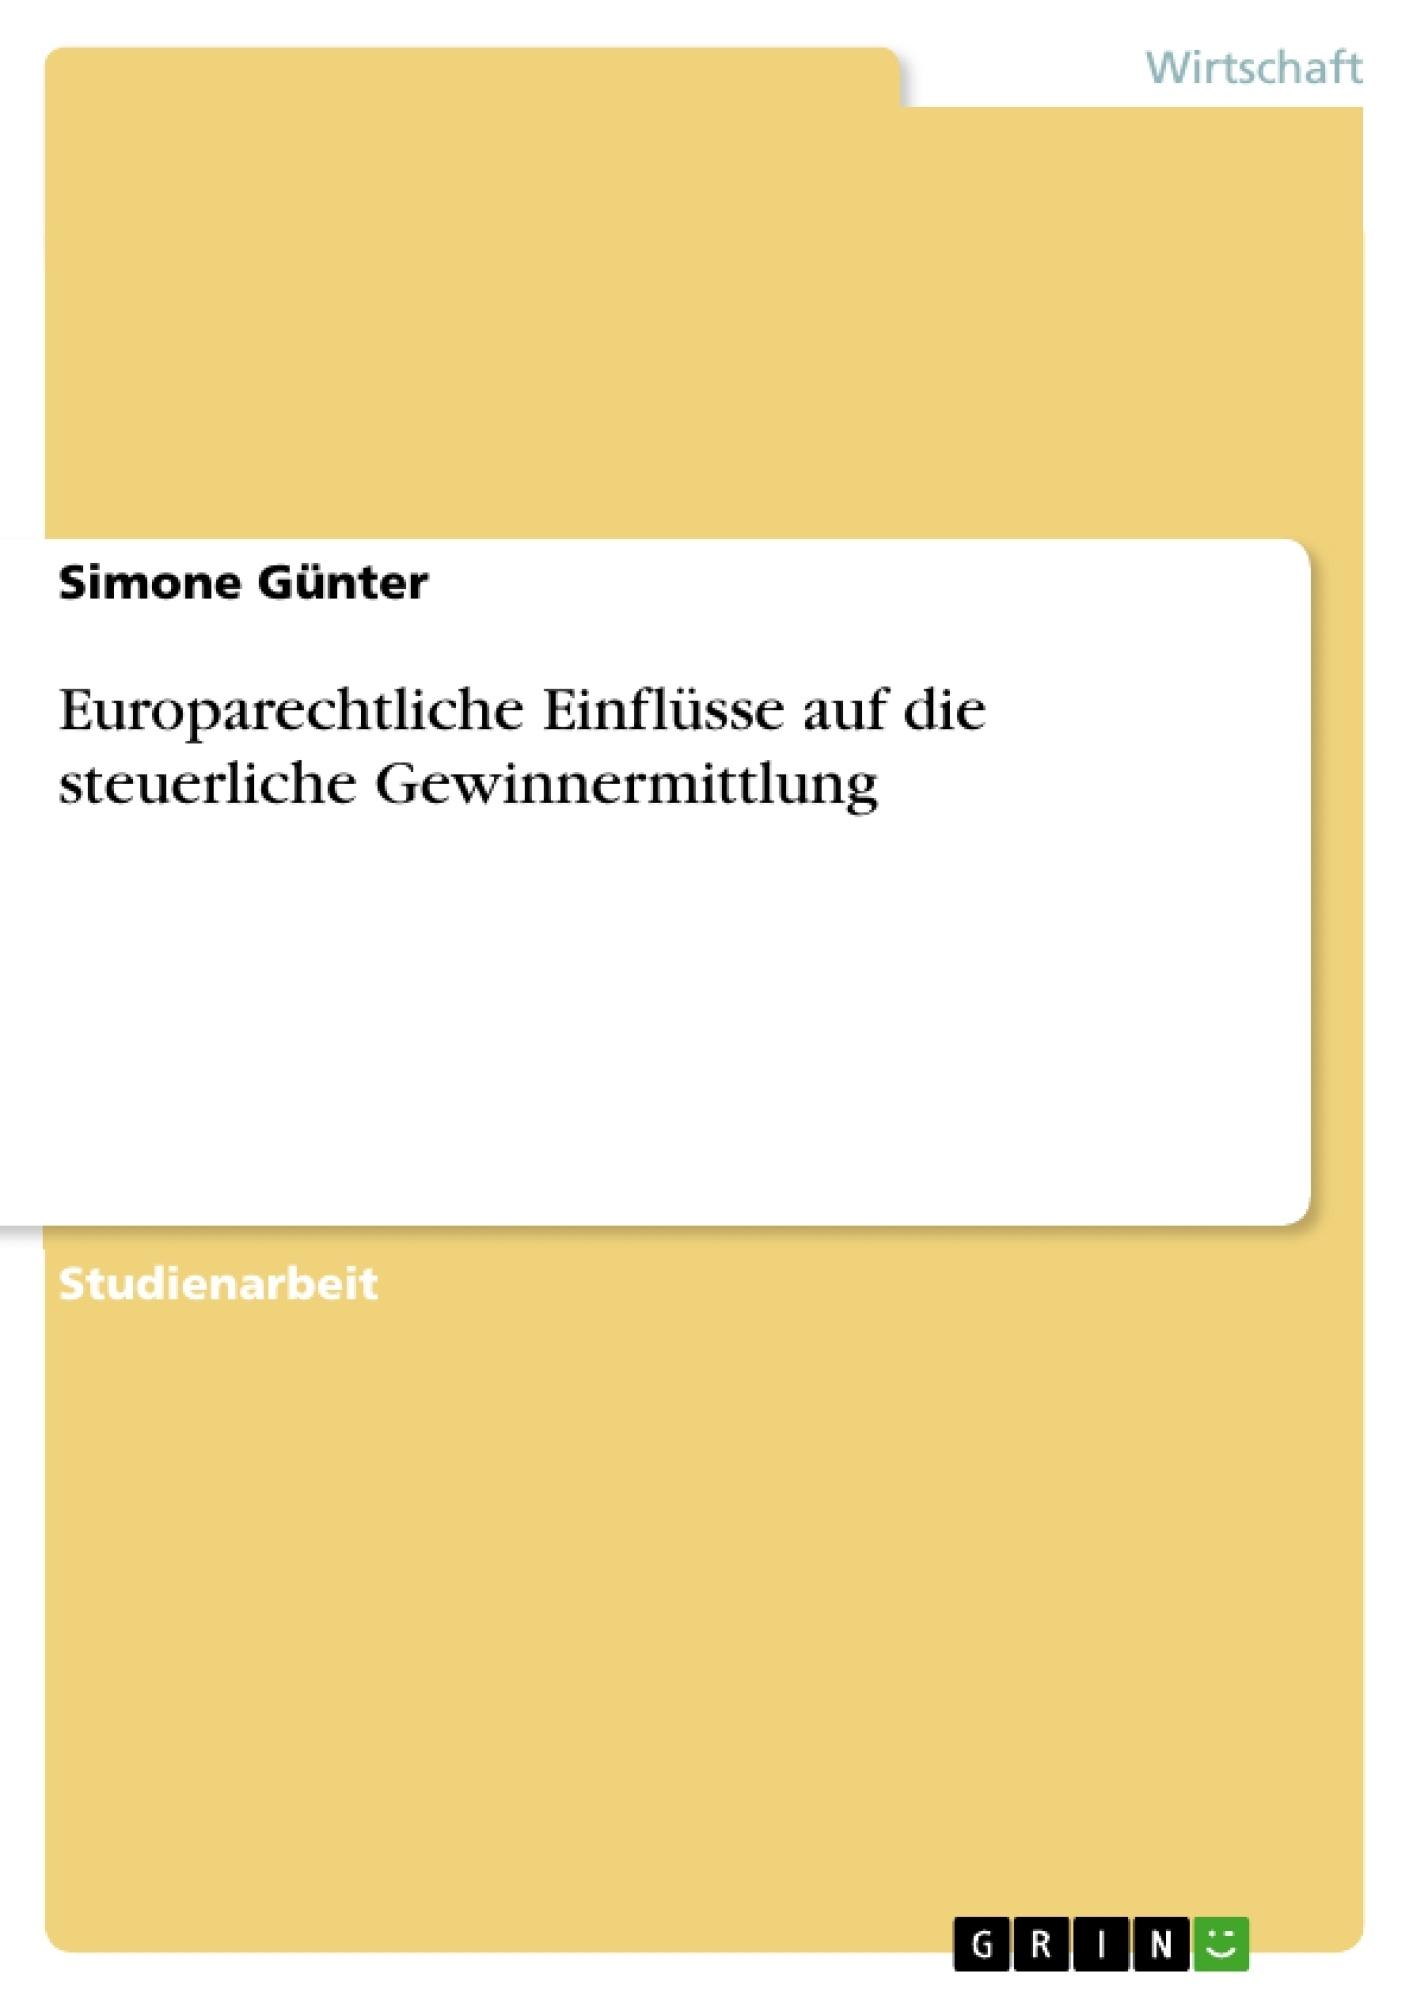 Titel: Europarechtliche Einflüsse auf die steuerliche Gewinnermittlung